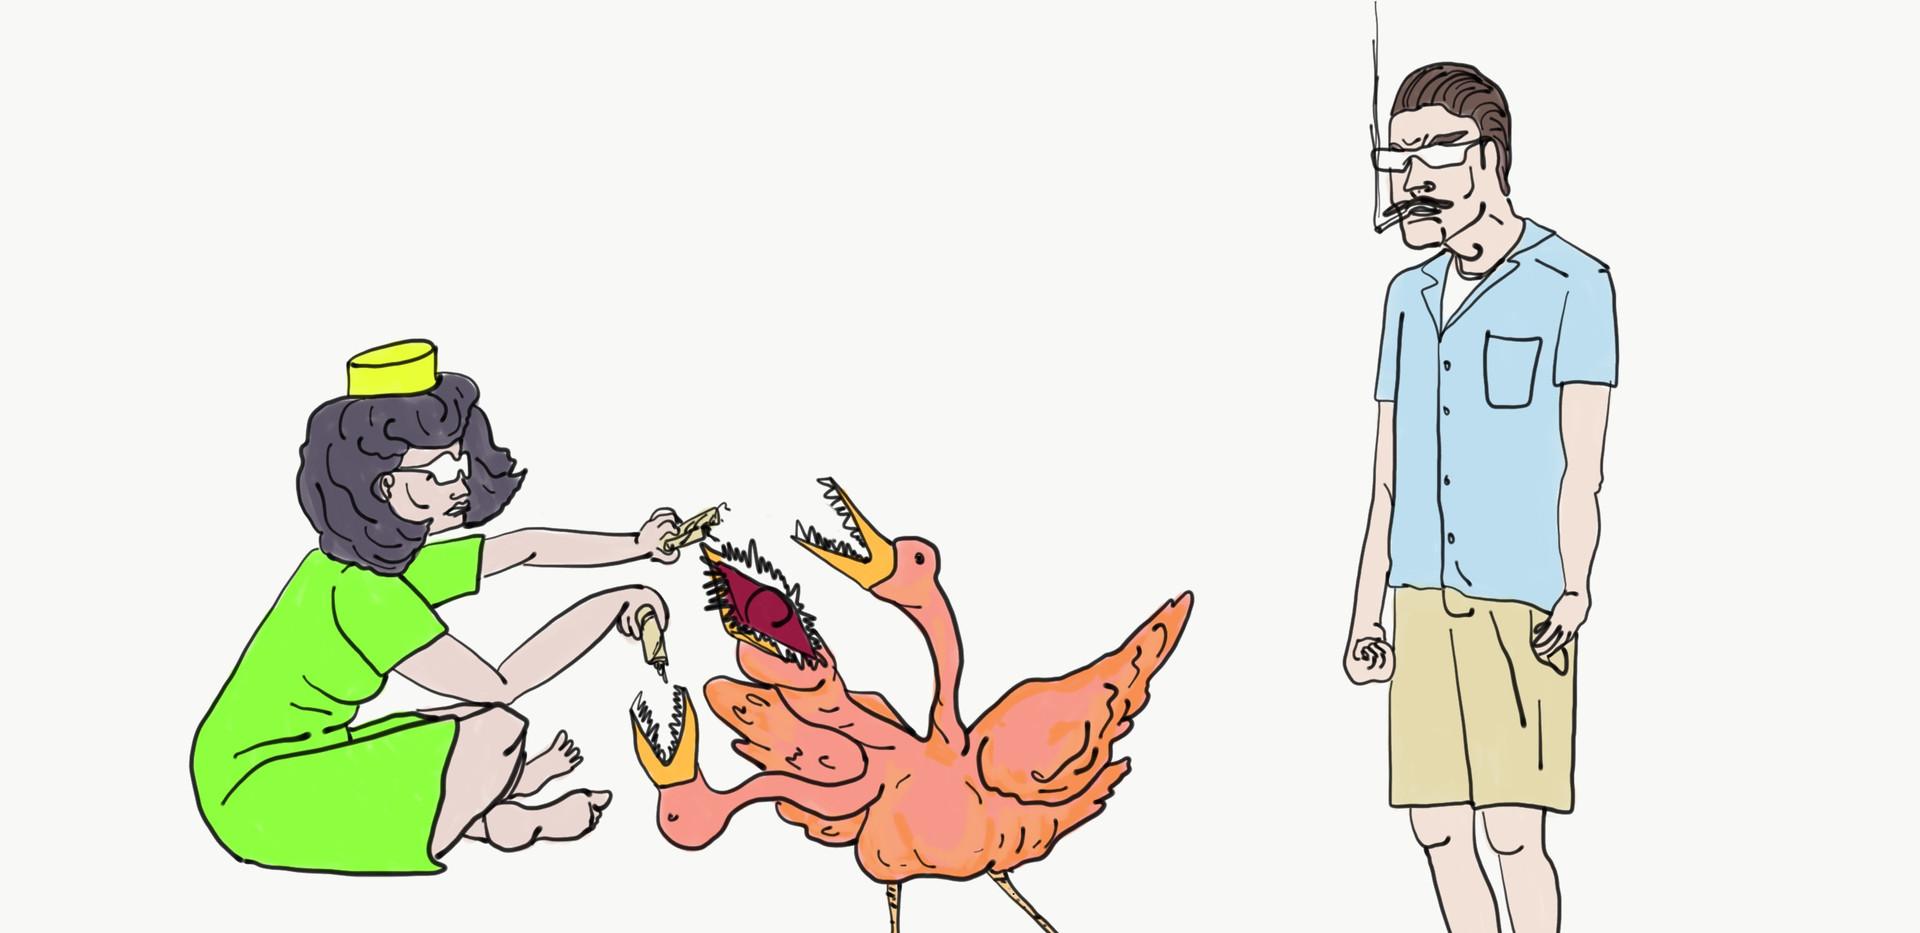 Ruff bird world